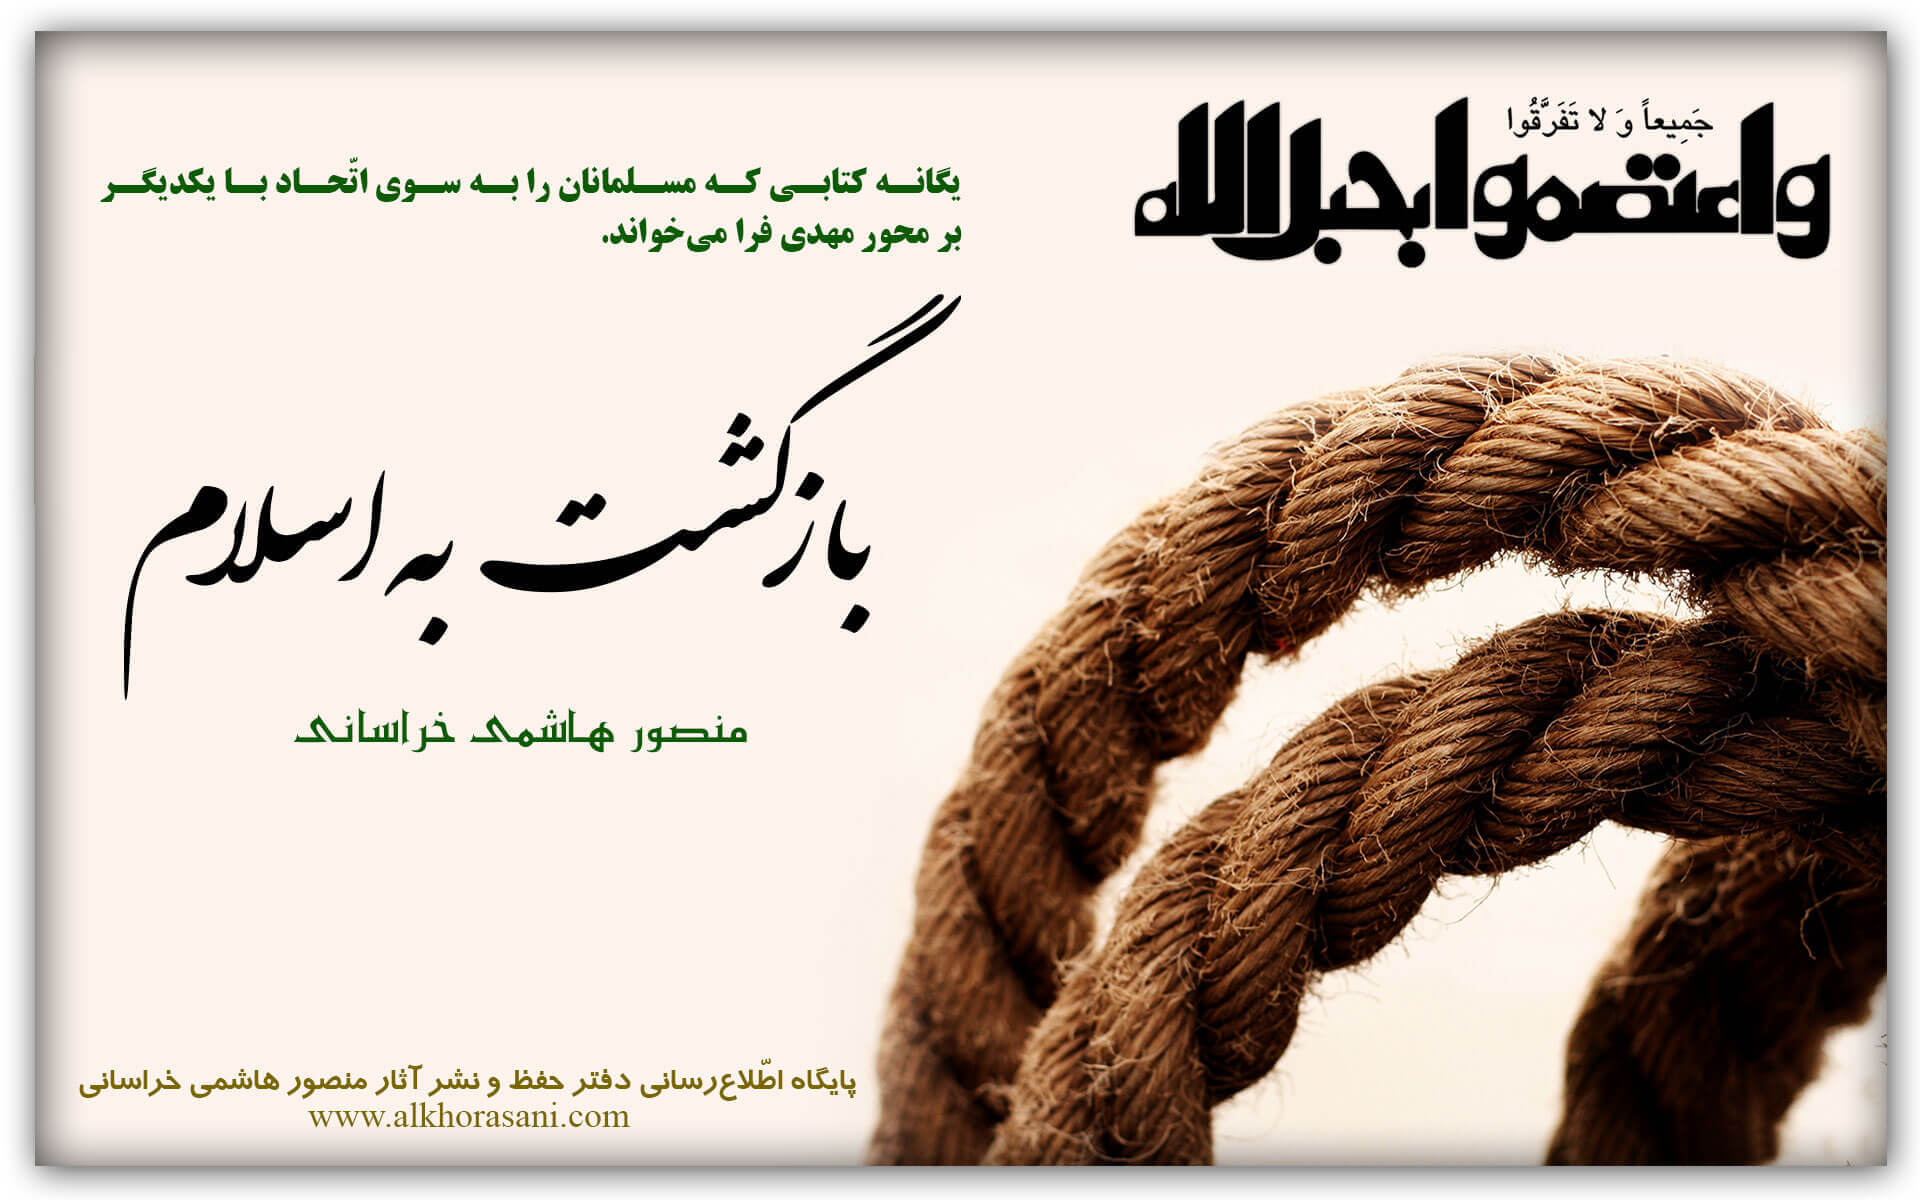 کتاب «بازگشت به اسلام» (13)